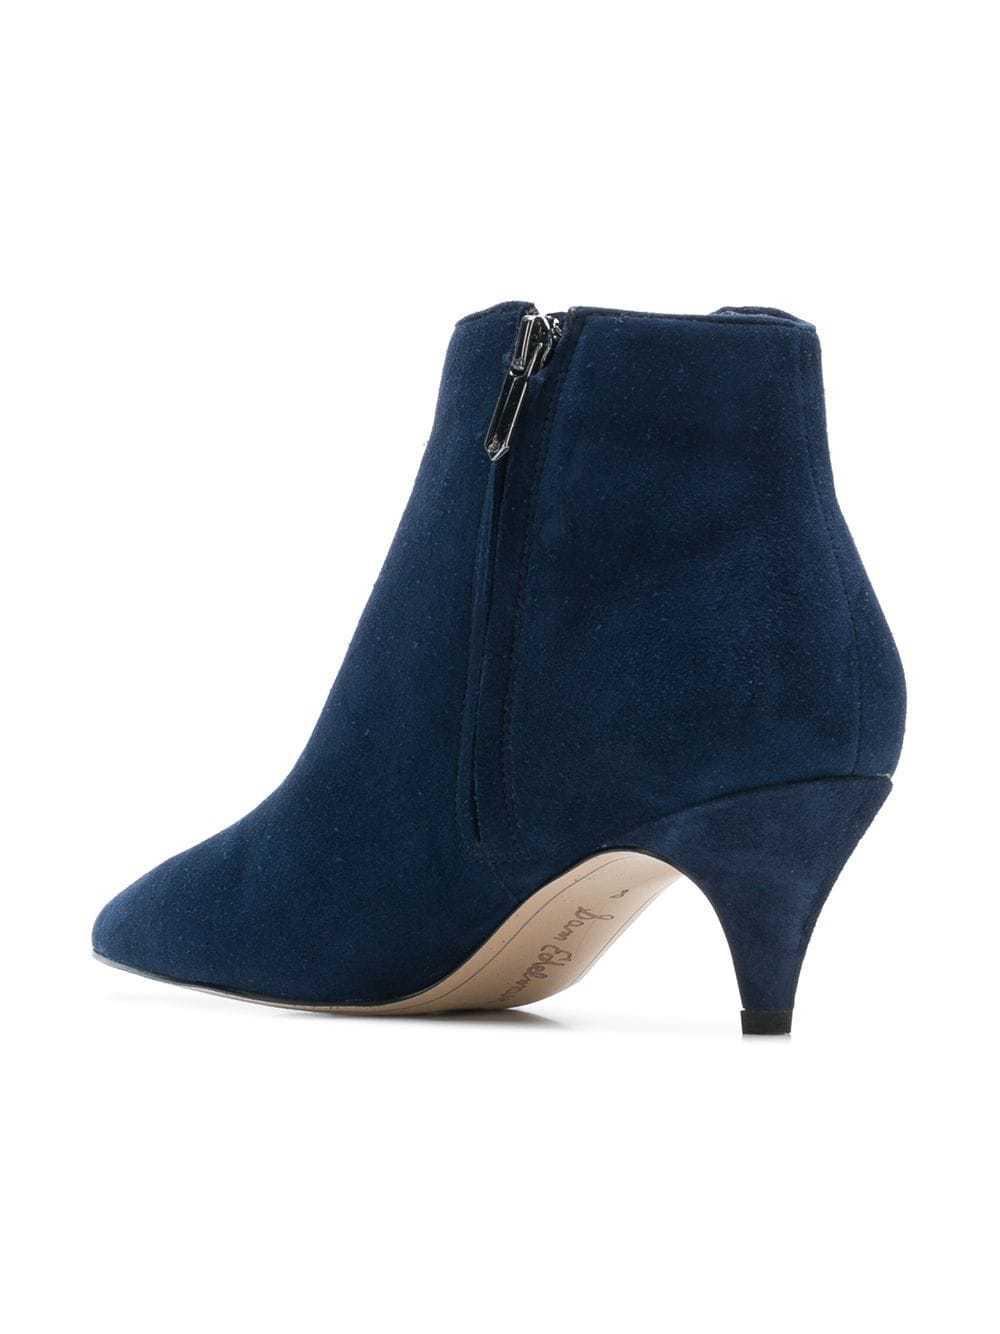 Sam Edelman Kitten Heel Ankle Boots